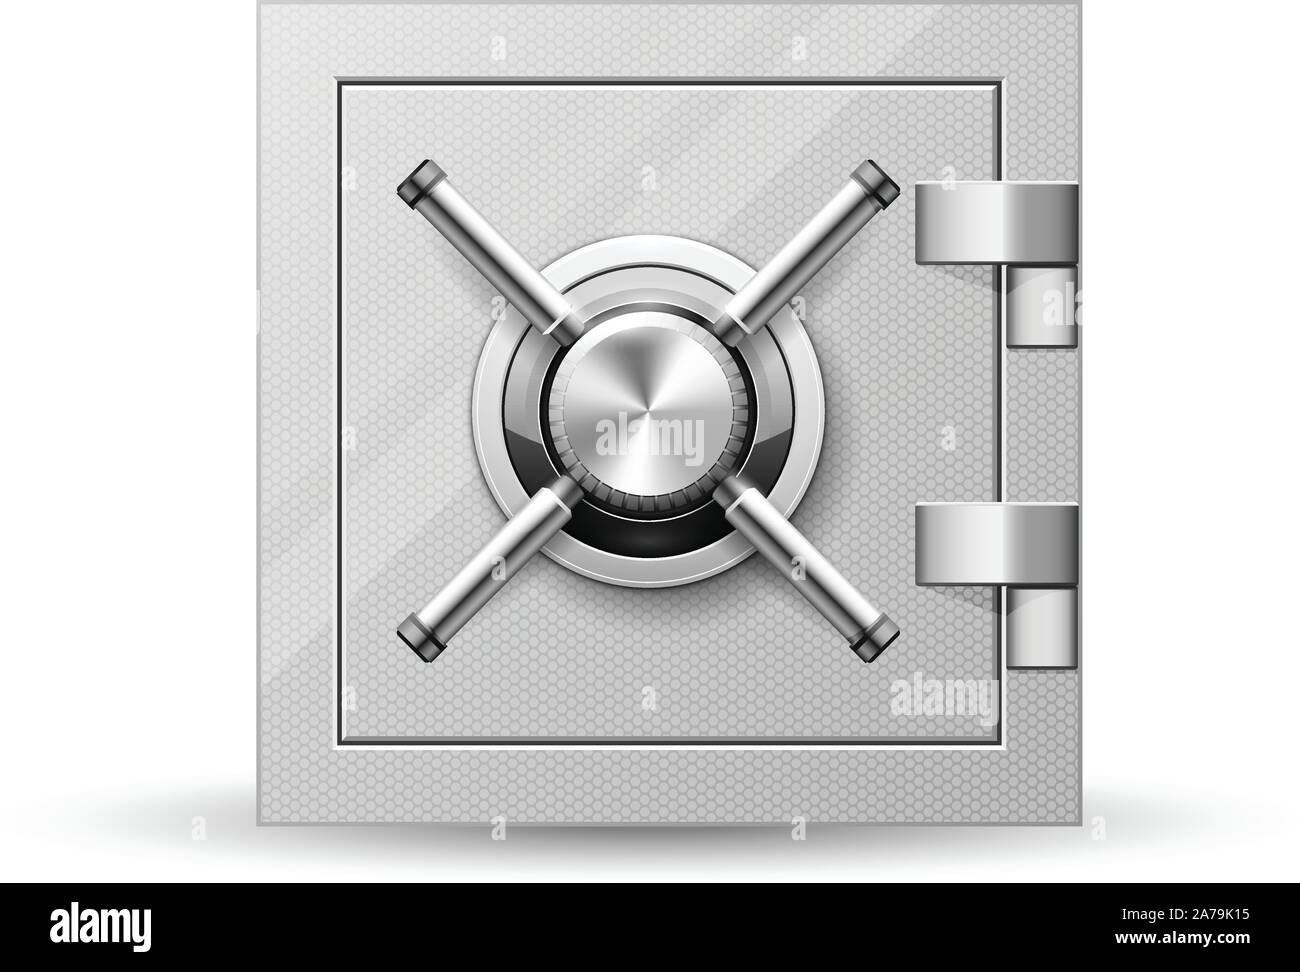 Vault with handle wheel - safe door, strongbox with rotary valve opener Stock Vector